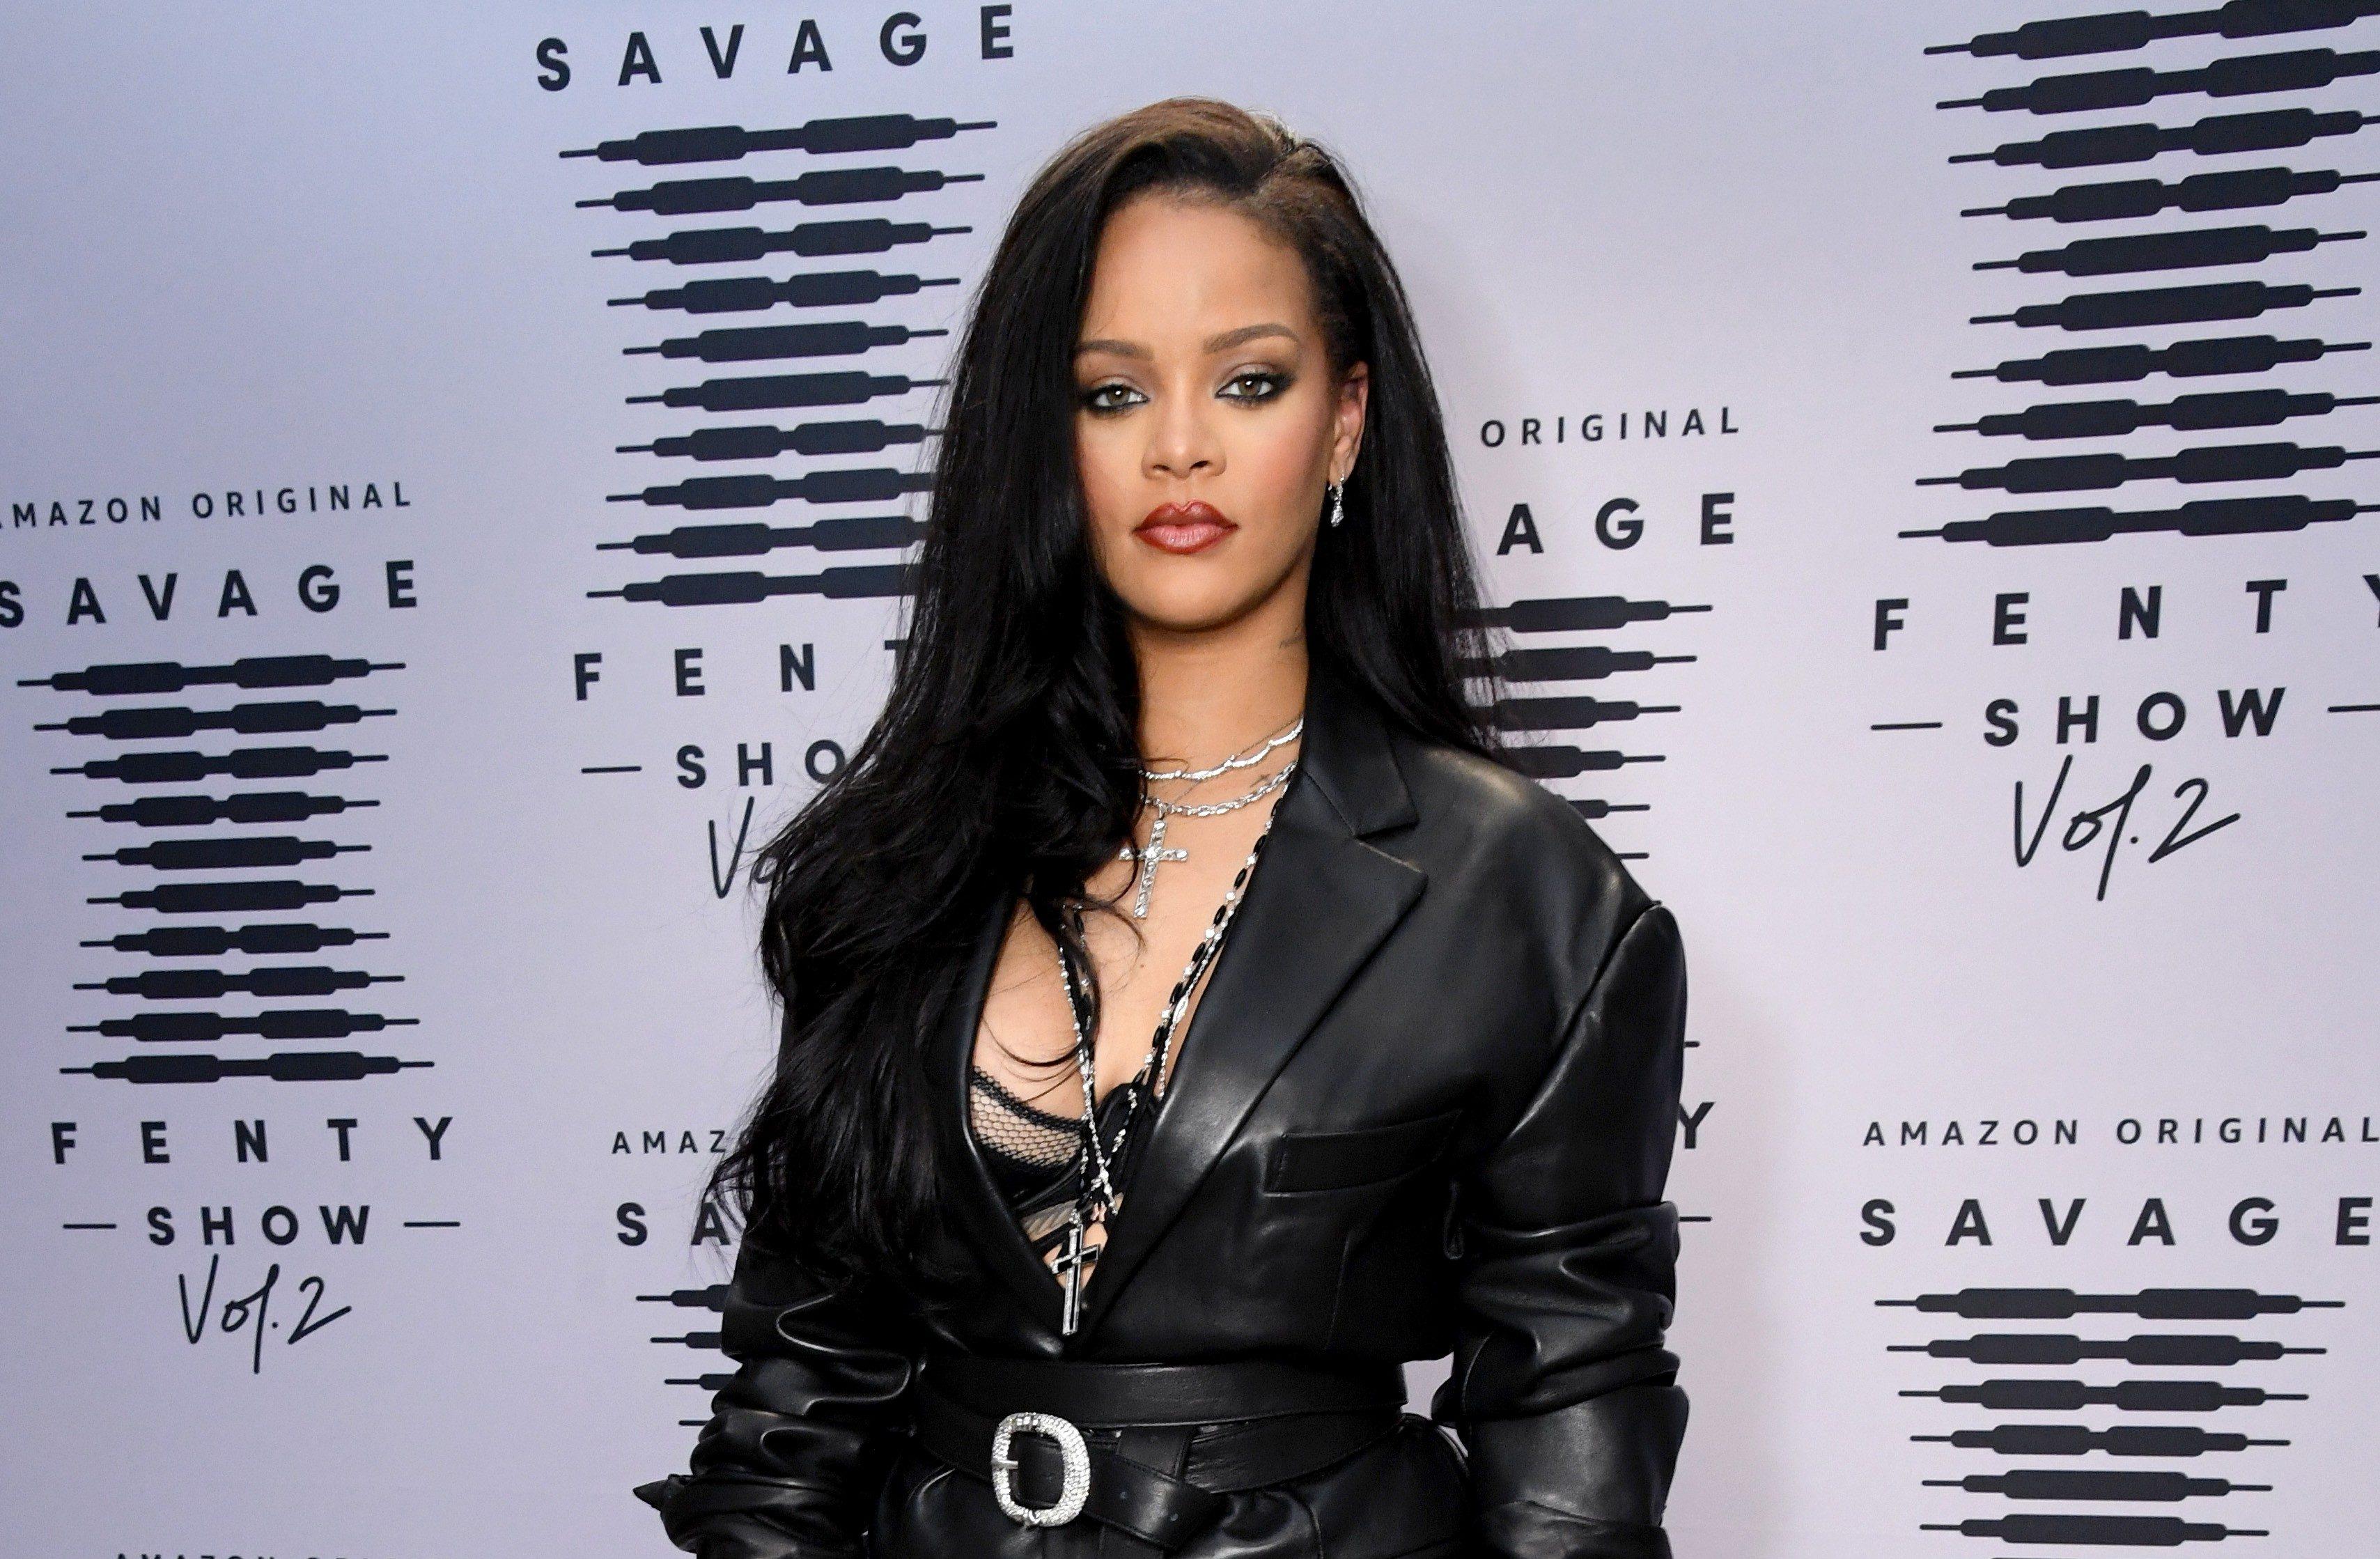 Rihanna celebra toda beleza que há na diversidade na 2 edição do Savage x Fenty Show